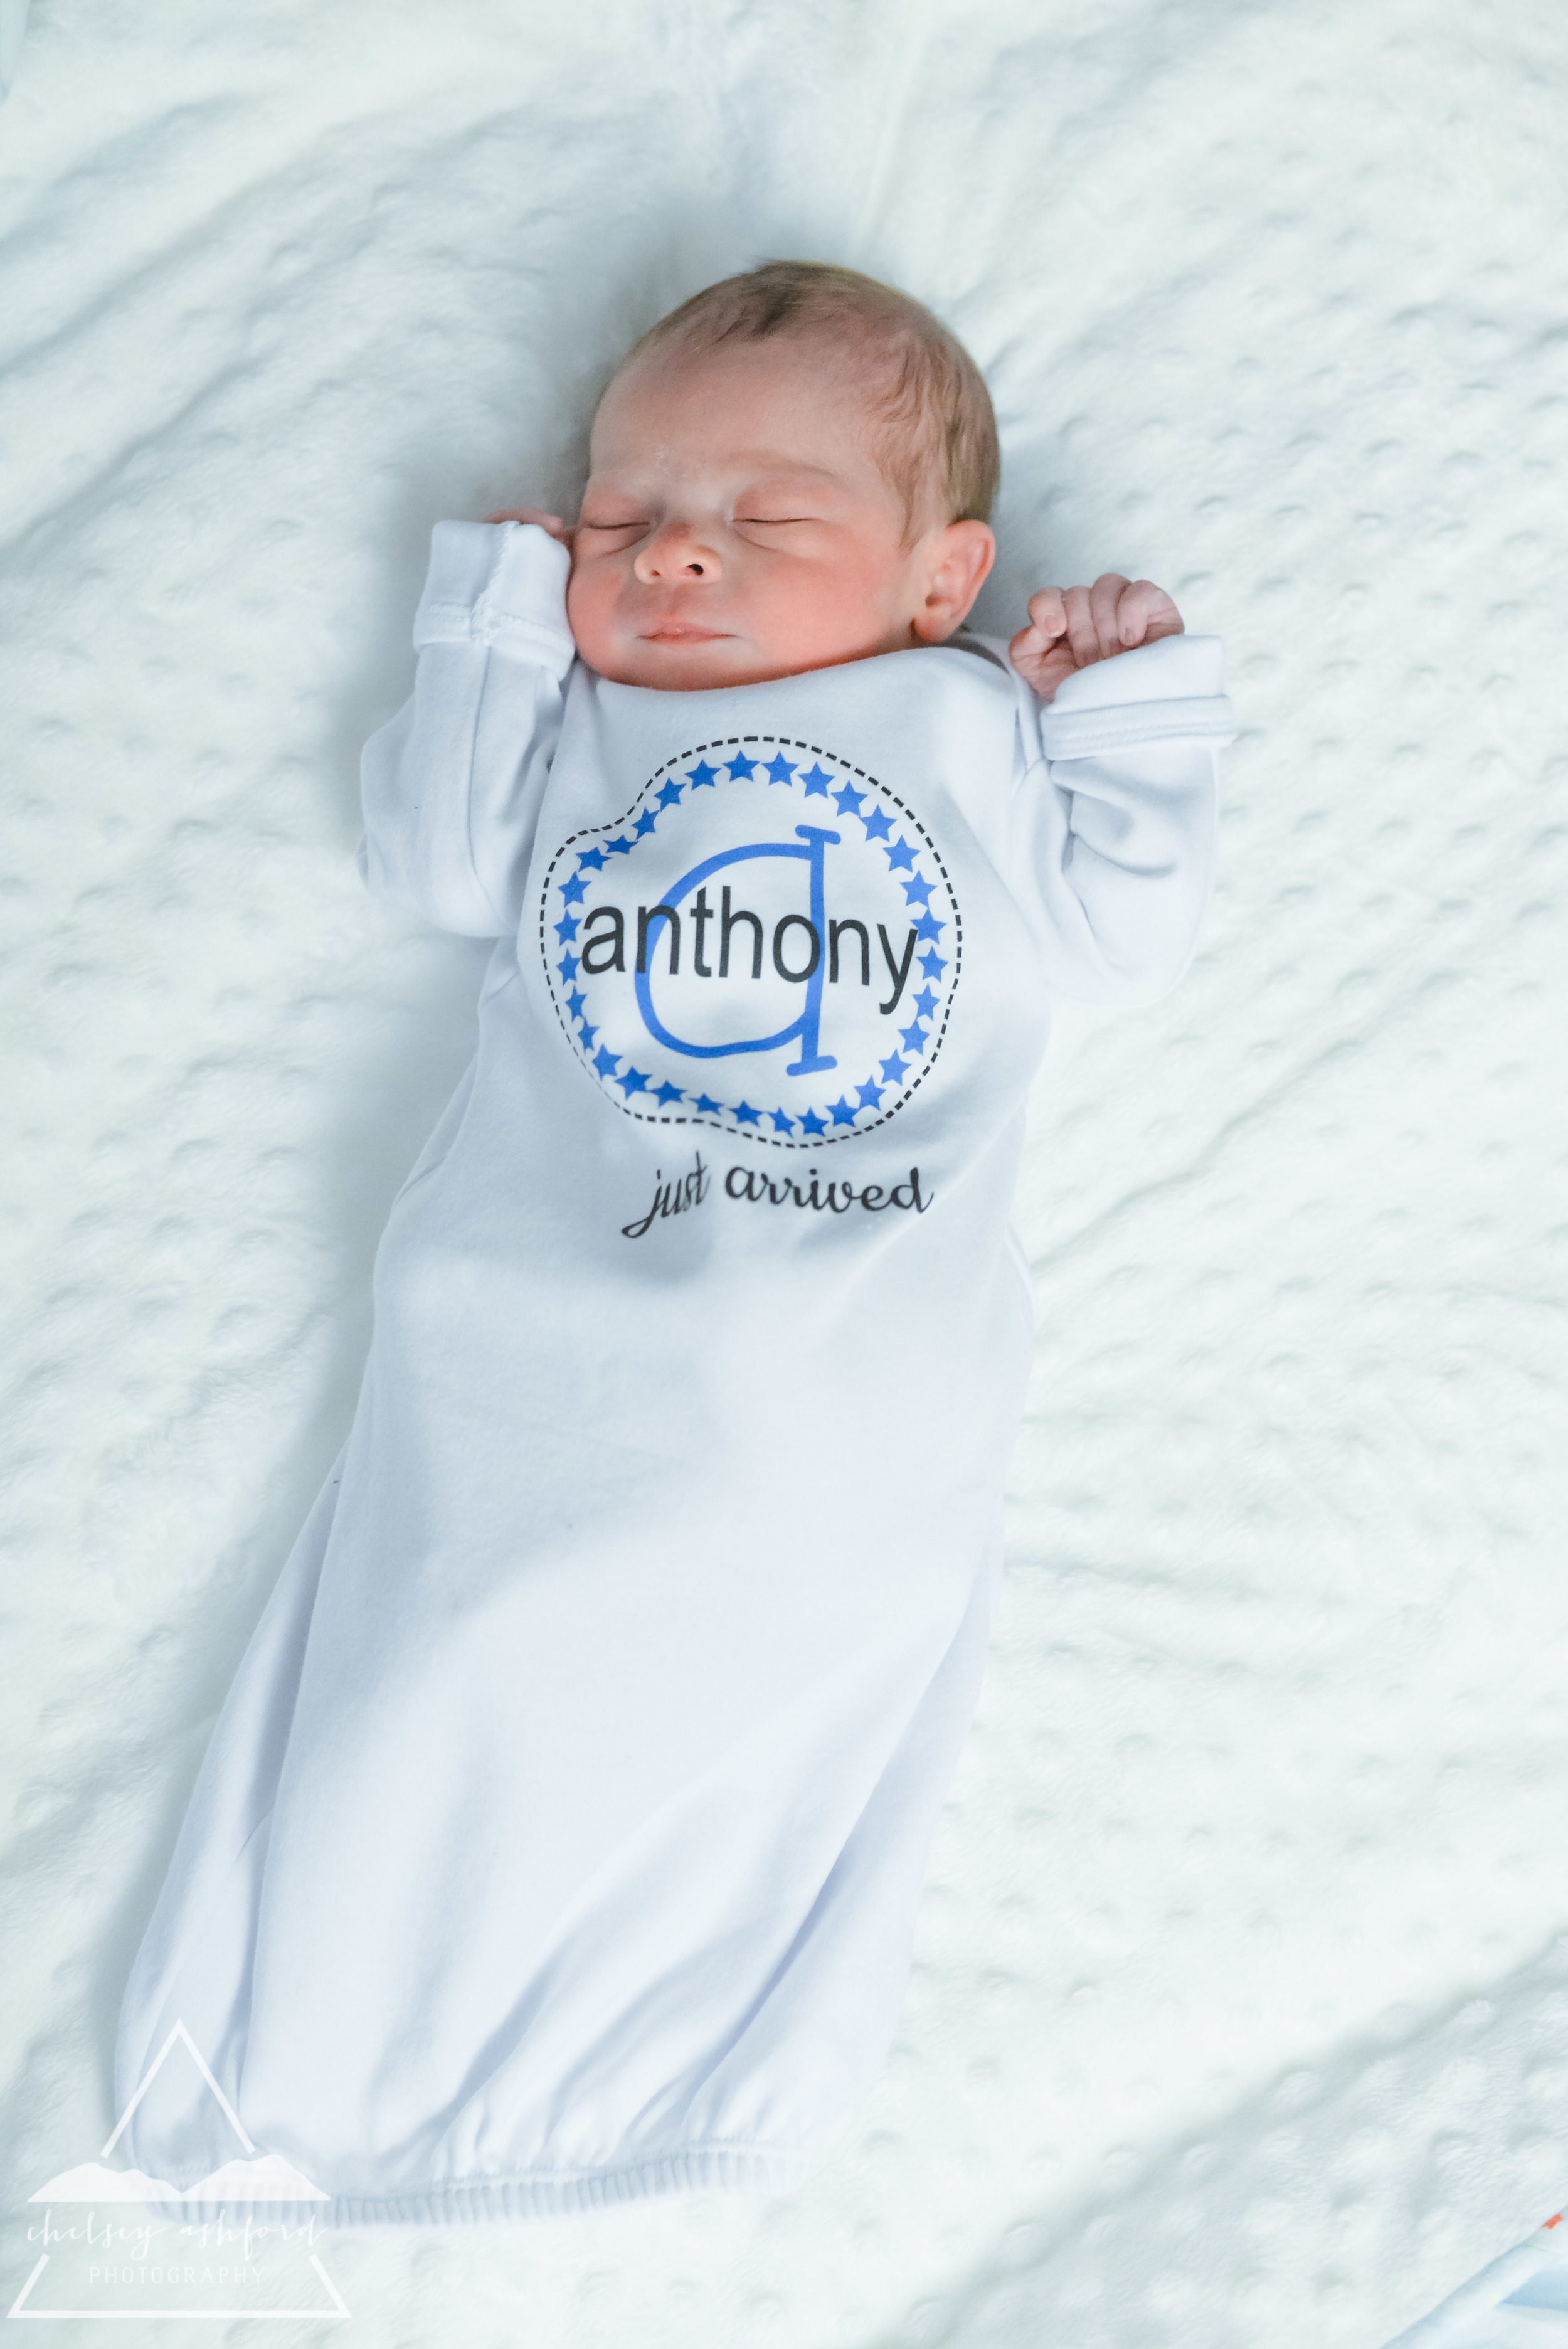 Anthony // Hospital Newborn Session // Chelsey Ashford Photography 2015